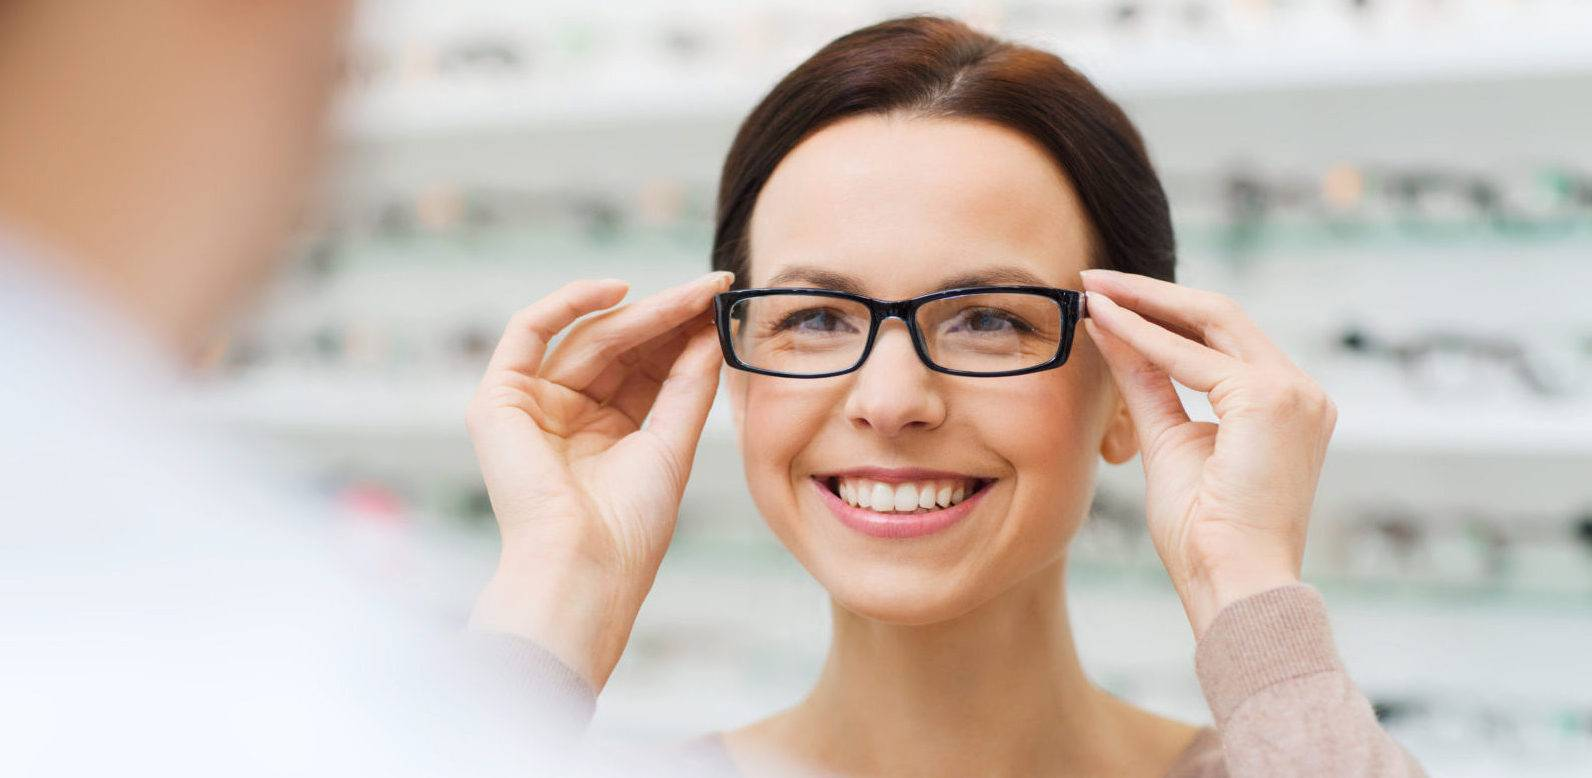 Подбор очков для зрения: проверка, разный уровень, коррекции и правила